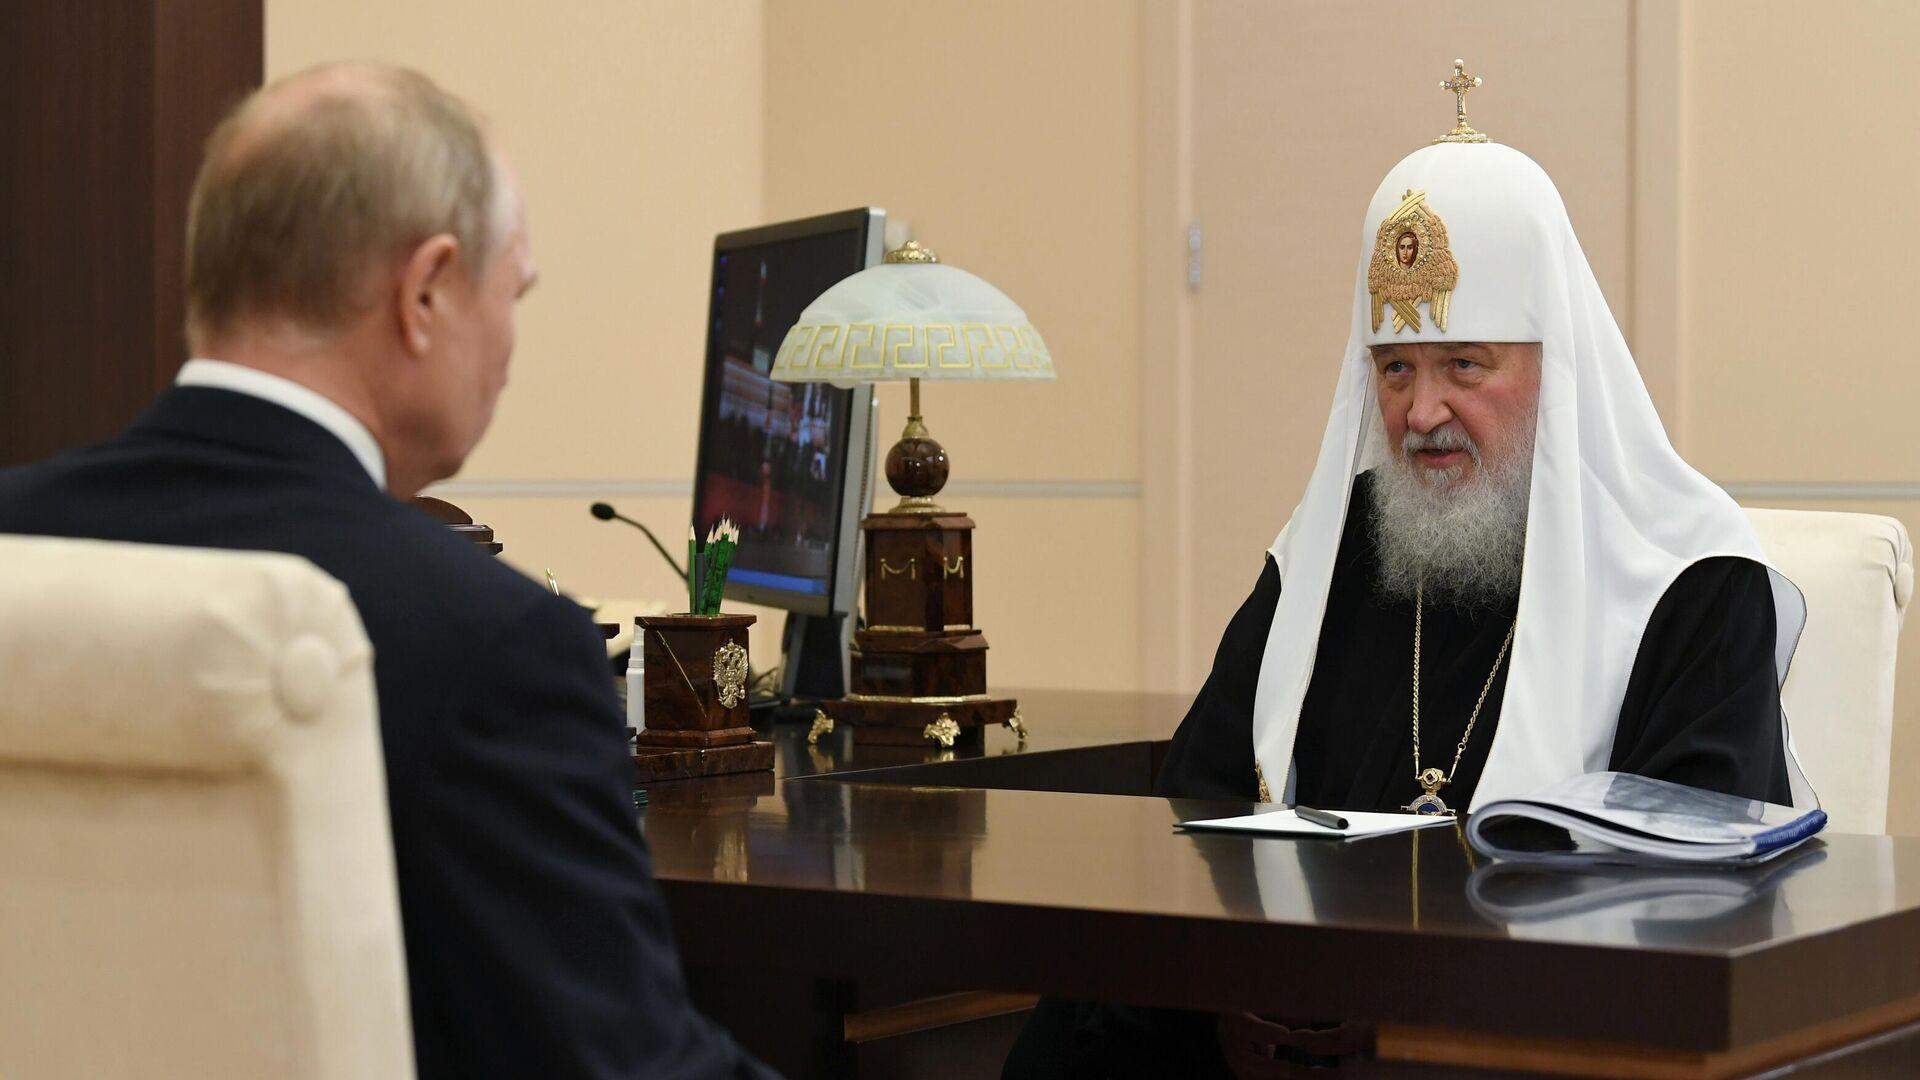 Патриарх Кирилл рассказал о допуске священников к больным COVID-19 - РИА  Новости, 20.11.2020